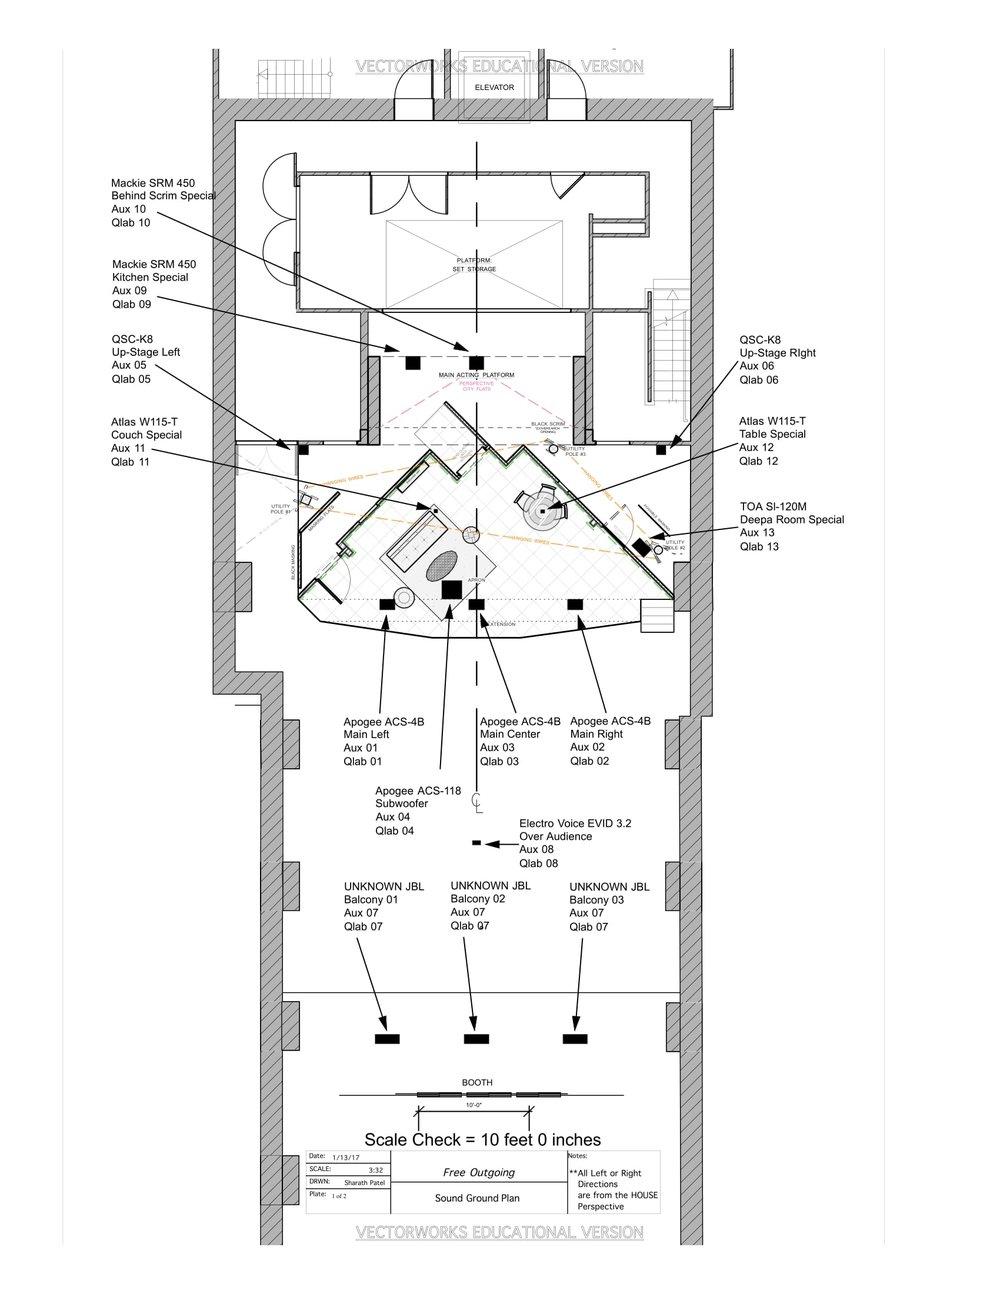 FOLA Sound Ground Plan 1-13-17-1.jpg